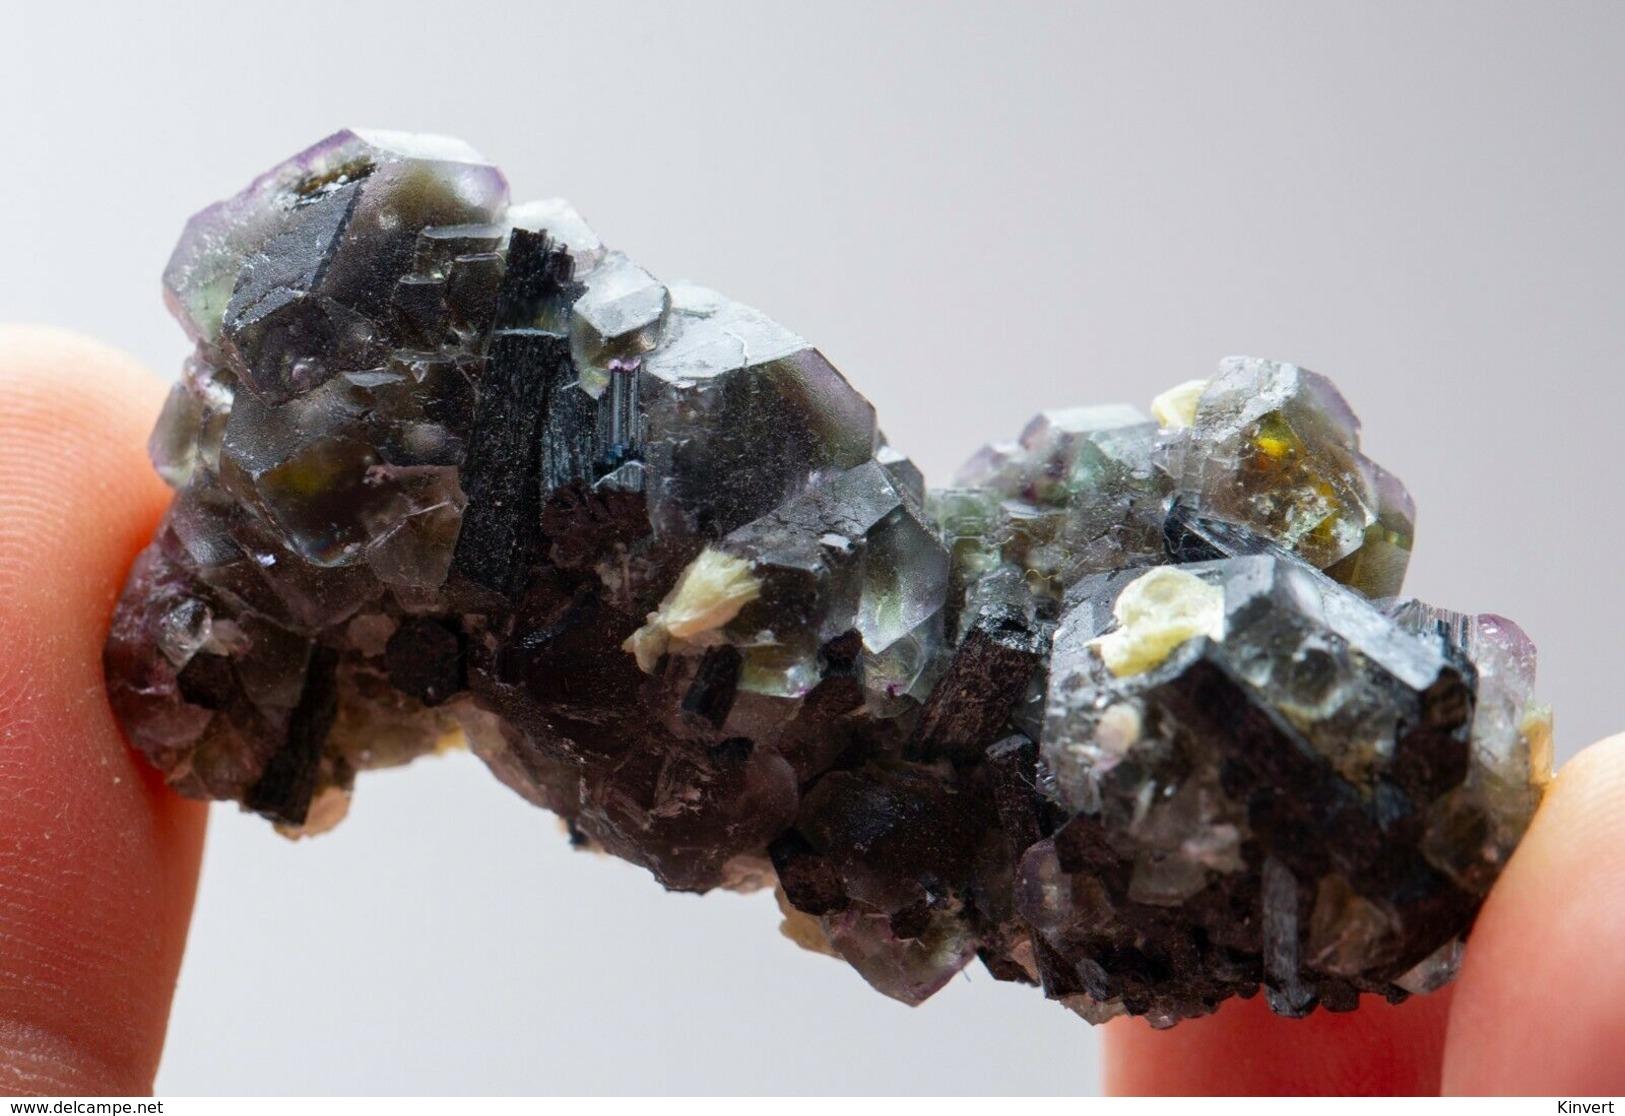 Fluorite Verte Avec Tourmaline Noire Et Mica, Monts Erongo, Namibie. 10 Gr. 5,2 X 2,6 X 2,2 Cm - Minéraux